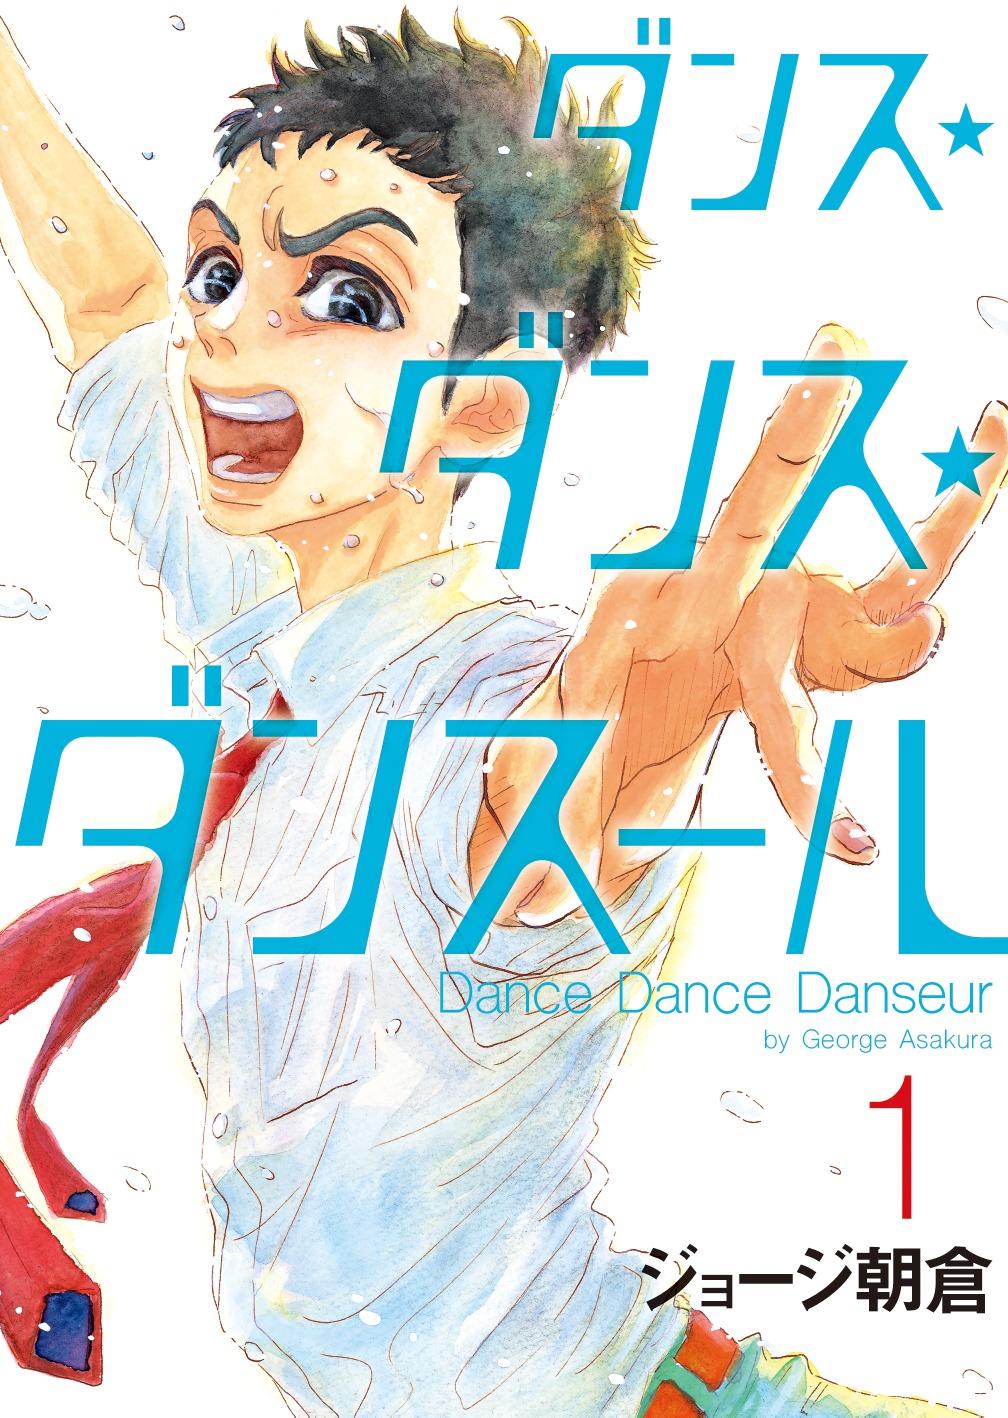 「ダンス・ダンス・ダンスール」アニメ化決定!「溺れるナイフ」のジョージ朝倉先生が描く男子バレエ漫画